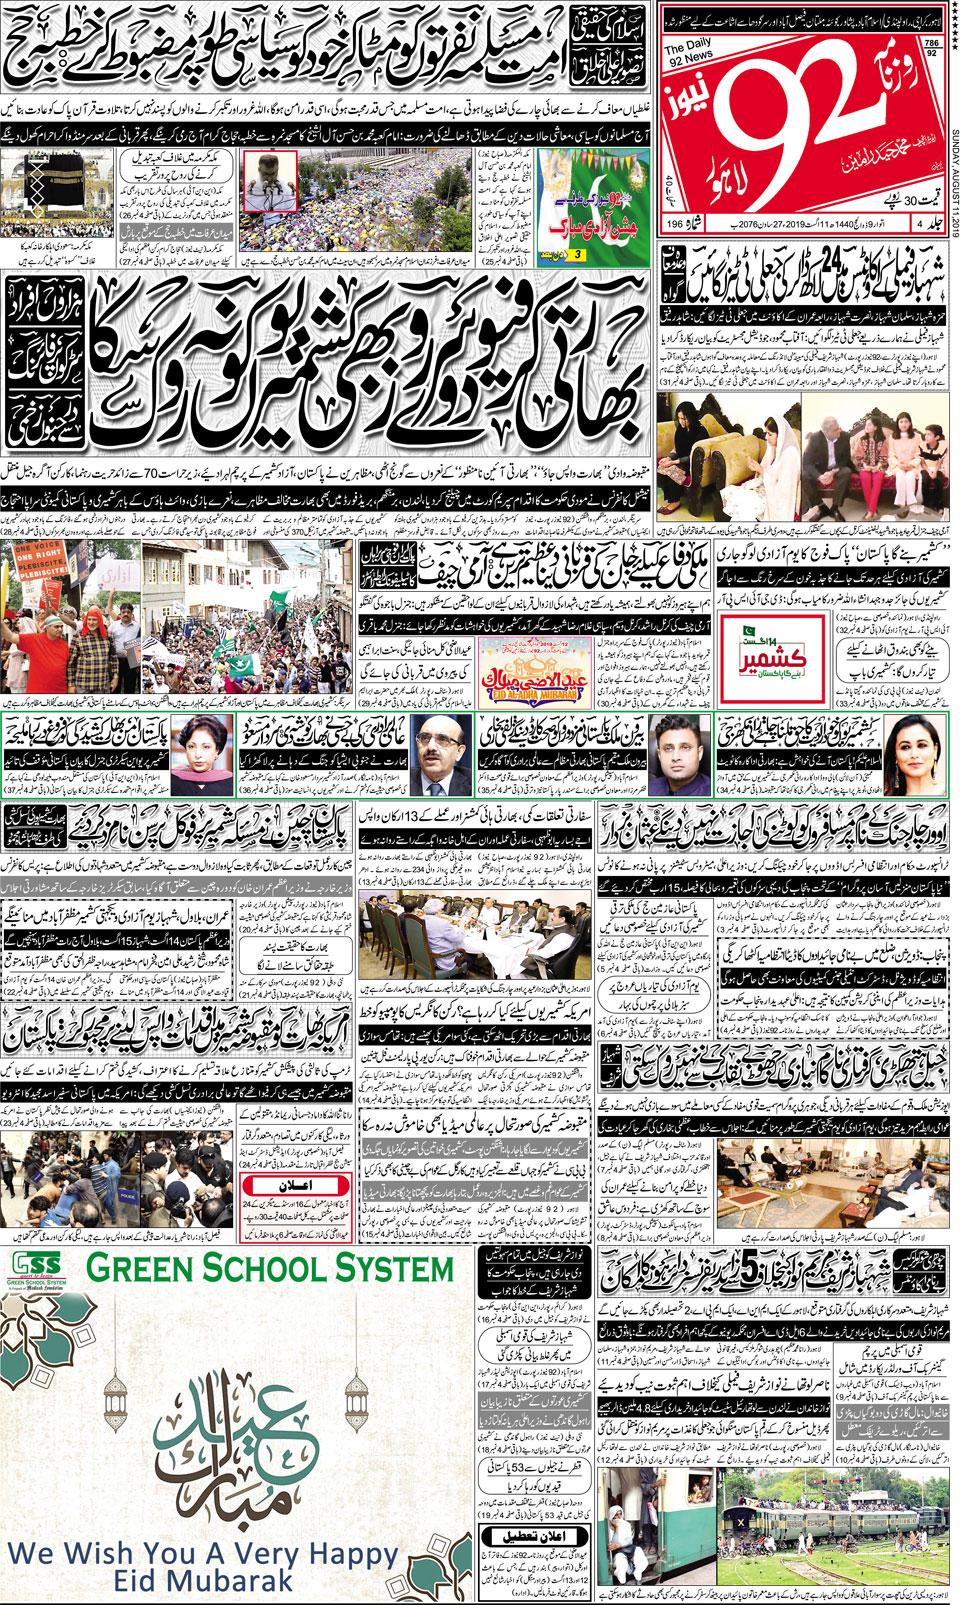 Express News Zaroorat Rishta